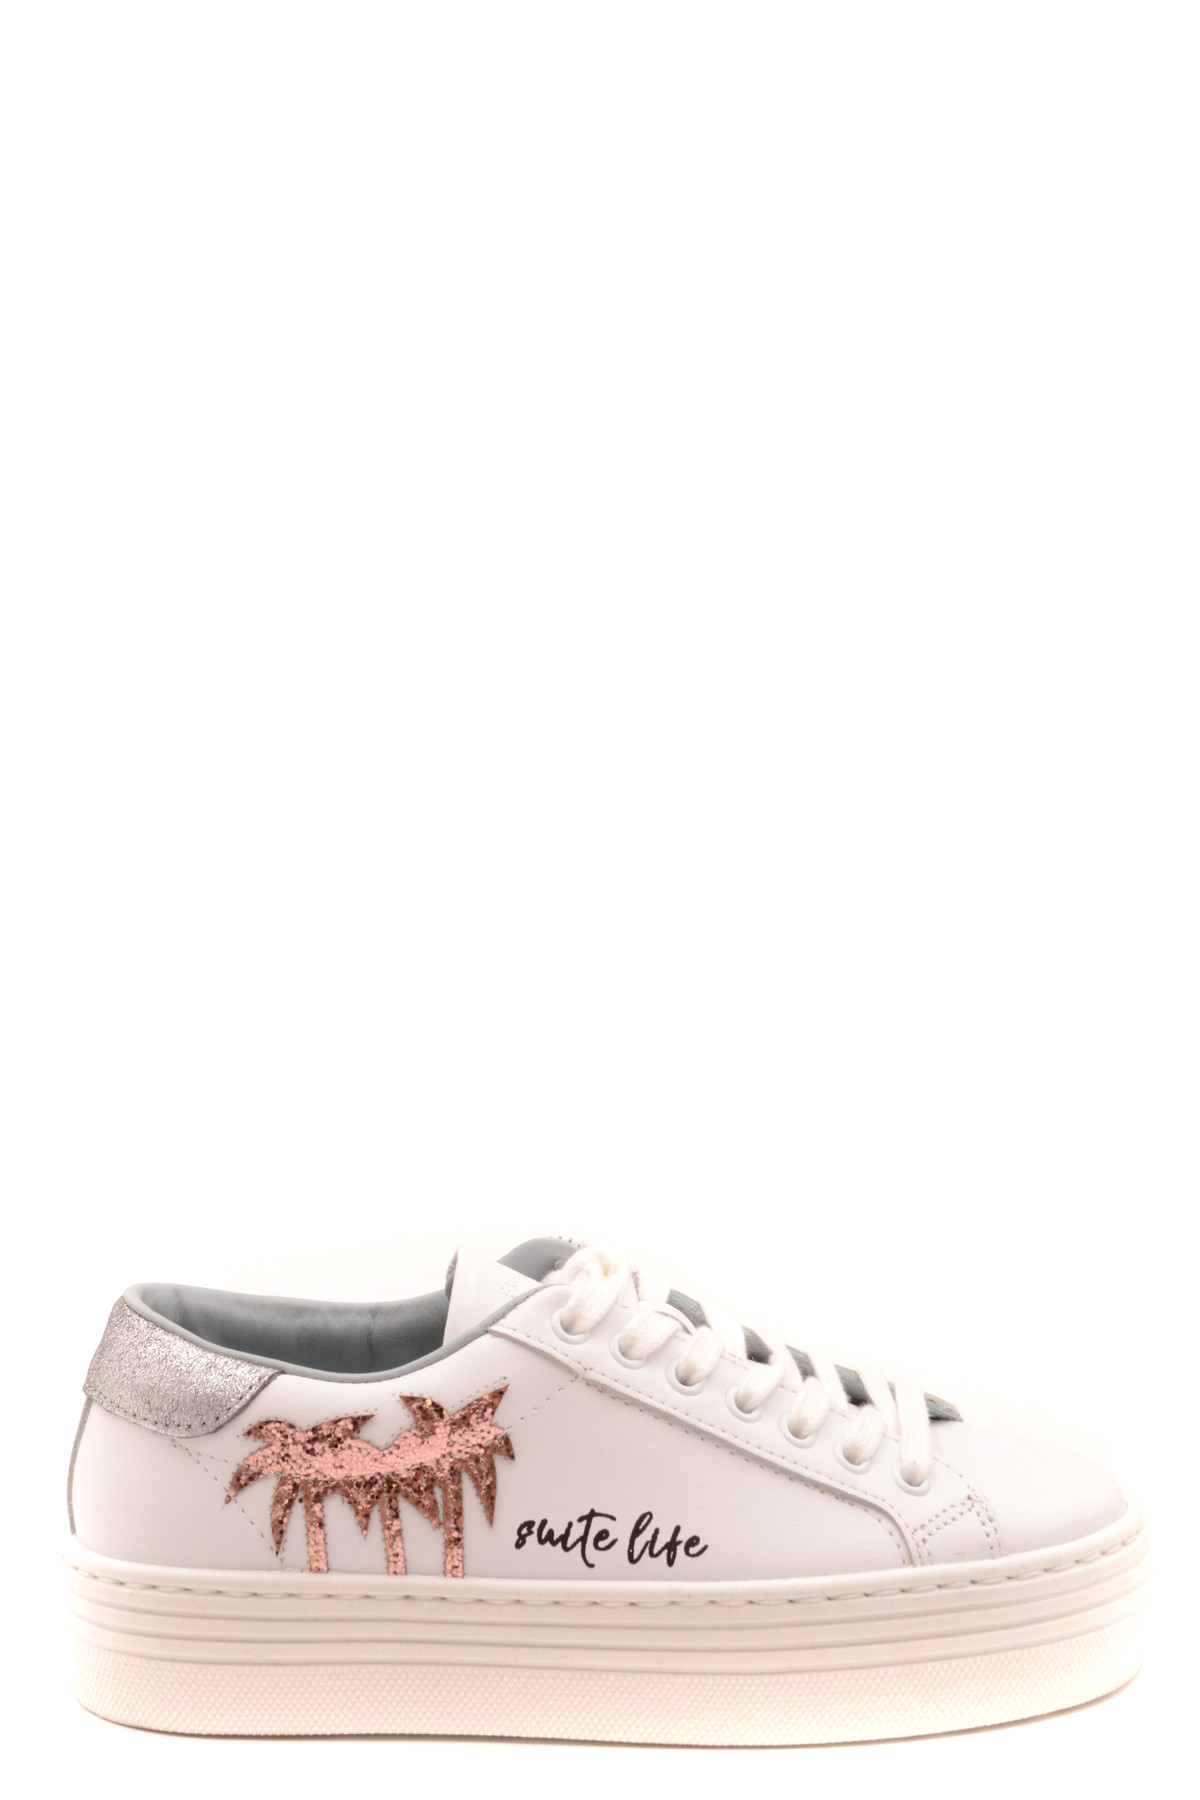 Marchio Chiara Ferragni Genere Donna Tipologia Sneakers Stagione Primavera/…